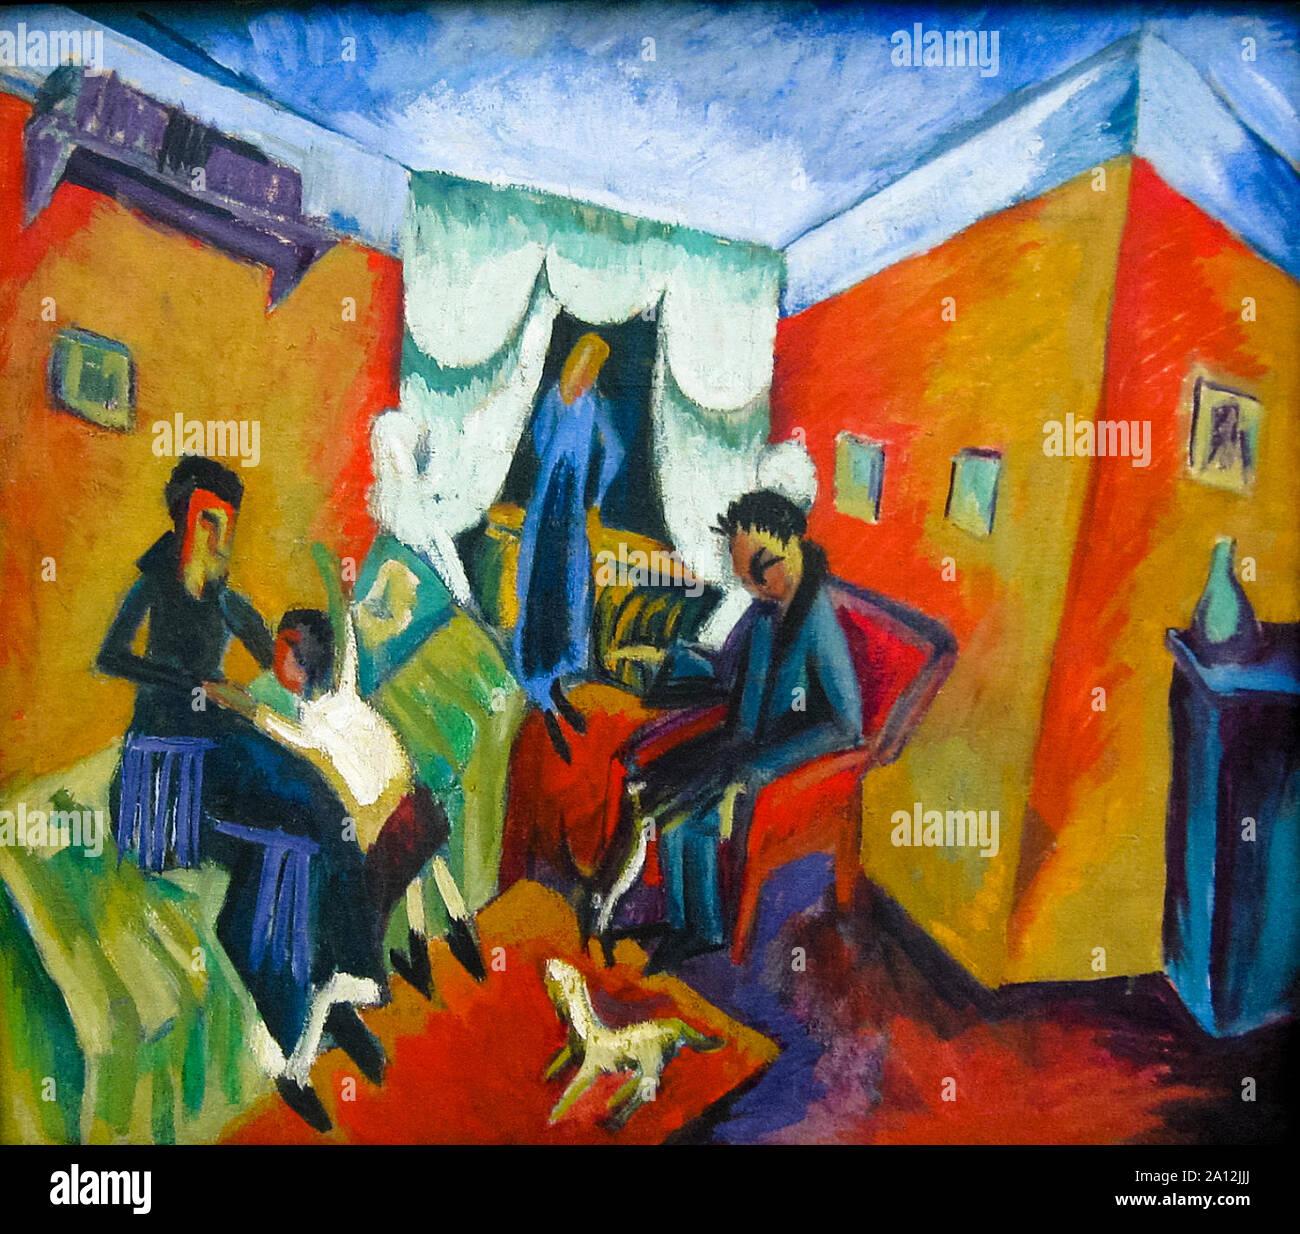 Ernst Ludwig Kirchner, Interieur, (Inneres), Malerei, 1915 Stockfoto